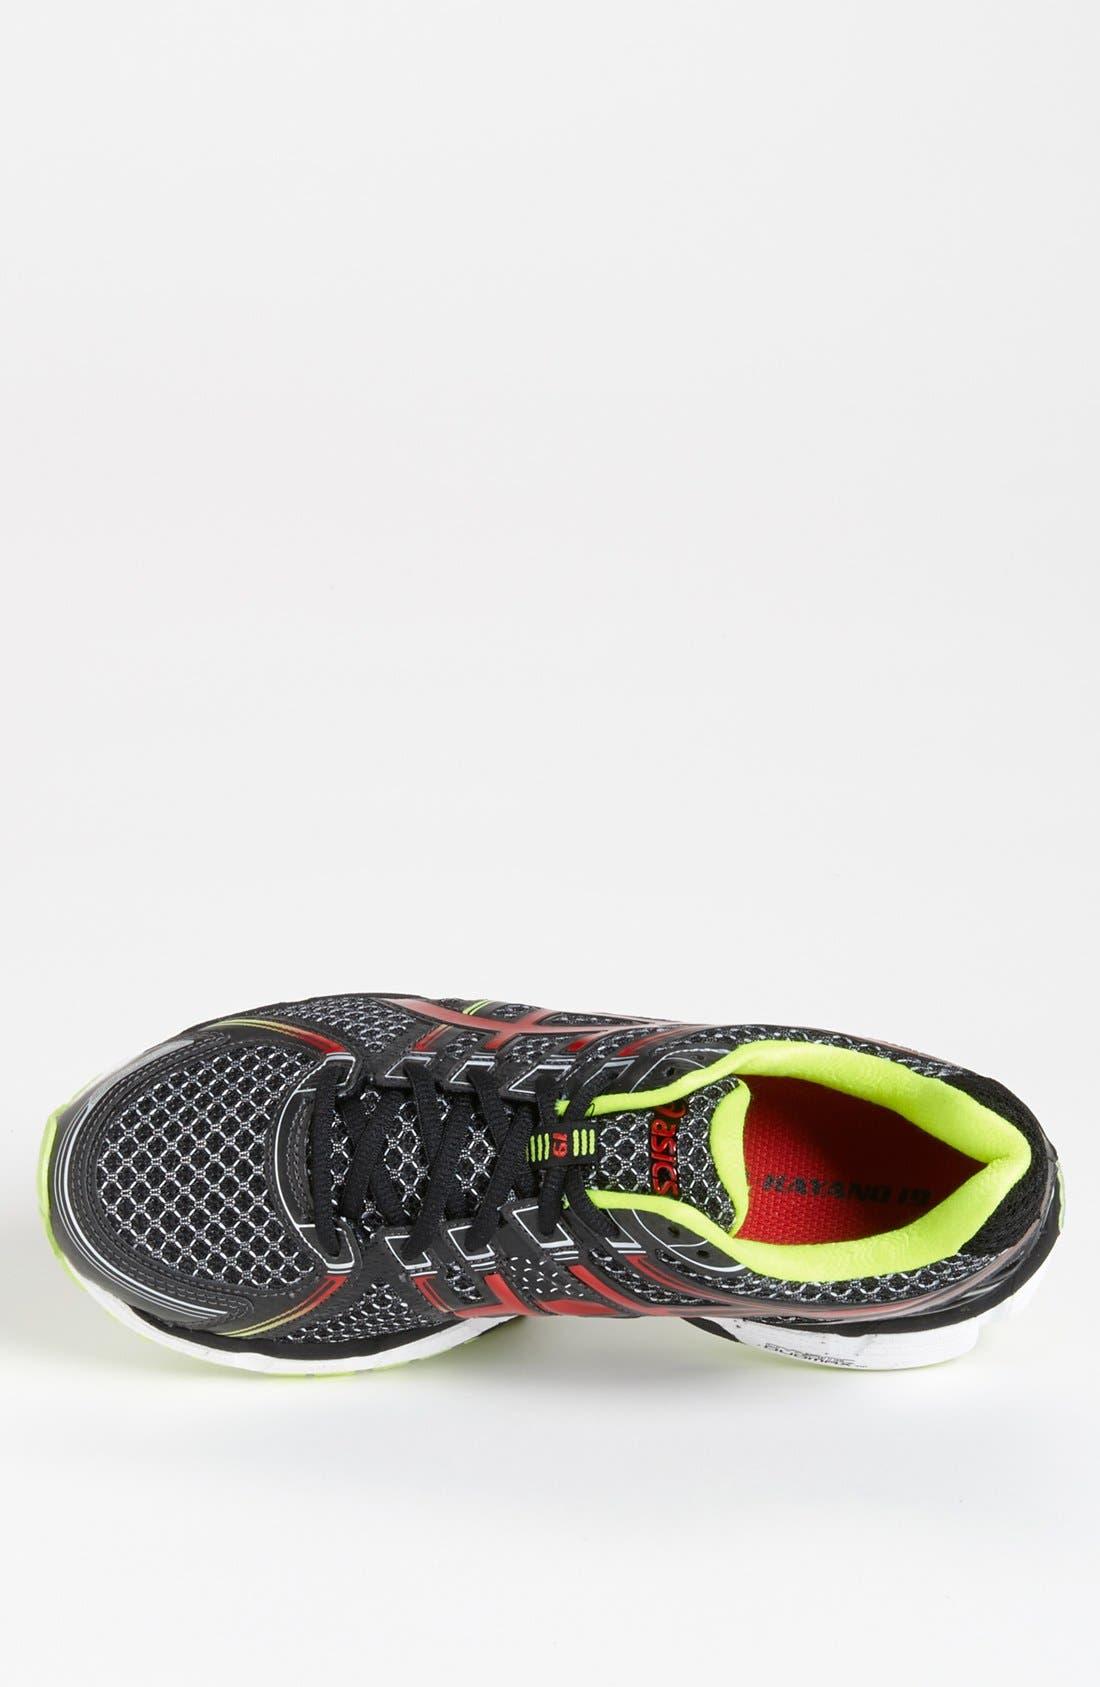 Alternate Image 3  - ASICS® 'GEL-Kayano® 19' Running Shoe (Men) (Online Only) (Regular Retail Price: $144.95)